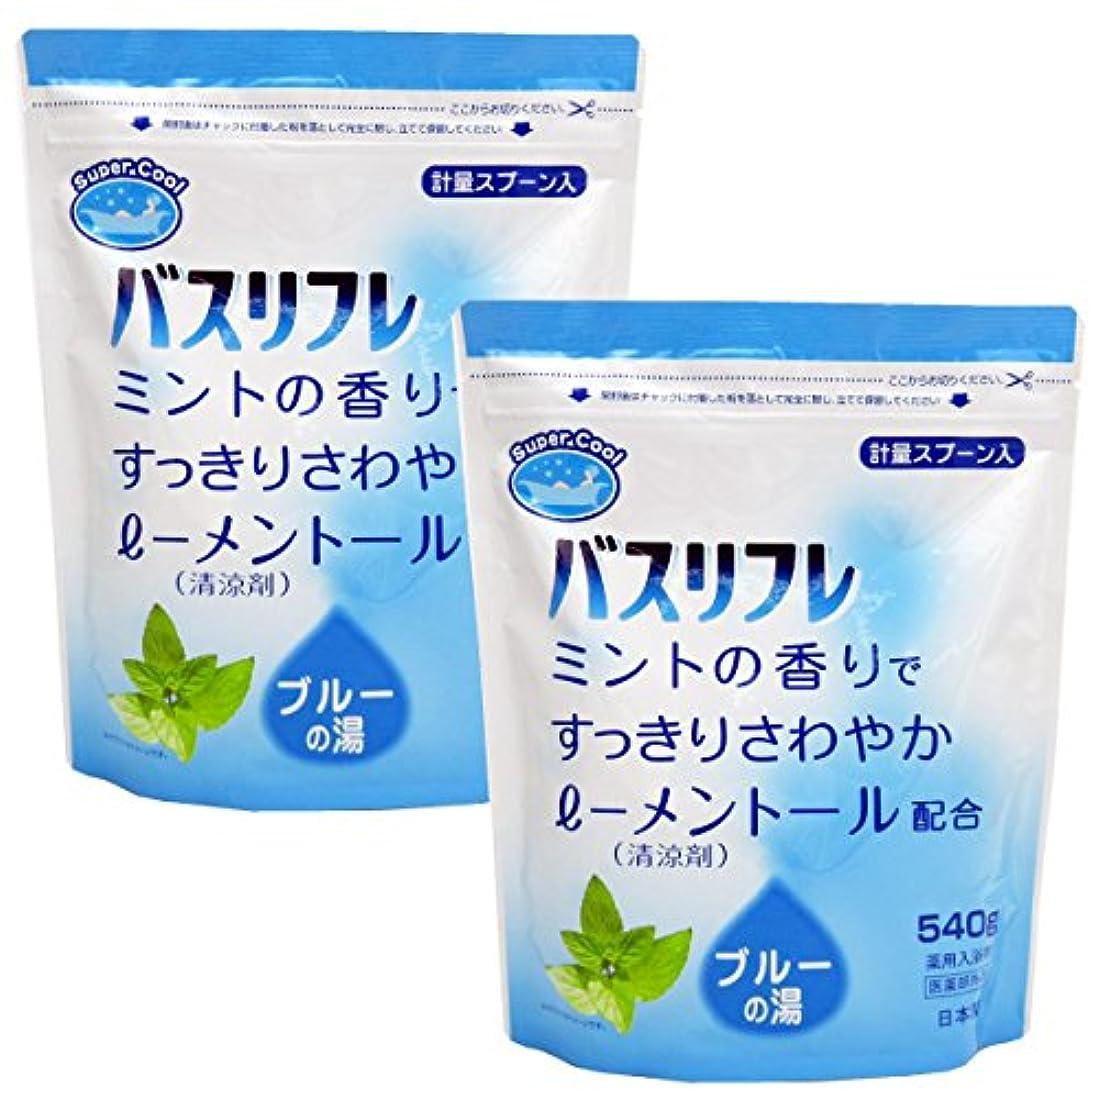 疲労ビール不快入浴剤 クール 薬用入浴剤 バスリフレ スーパークール540g×2個セット 日本製